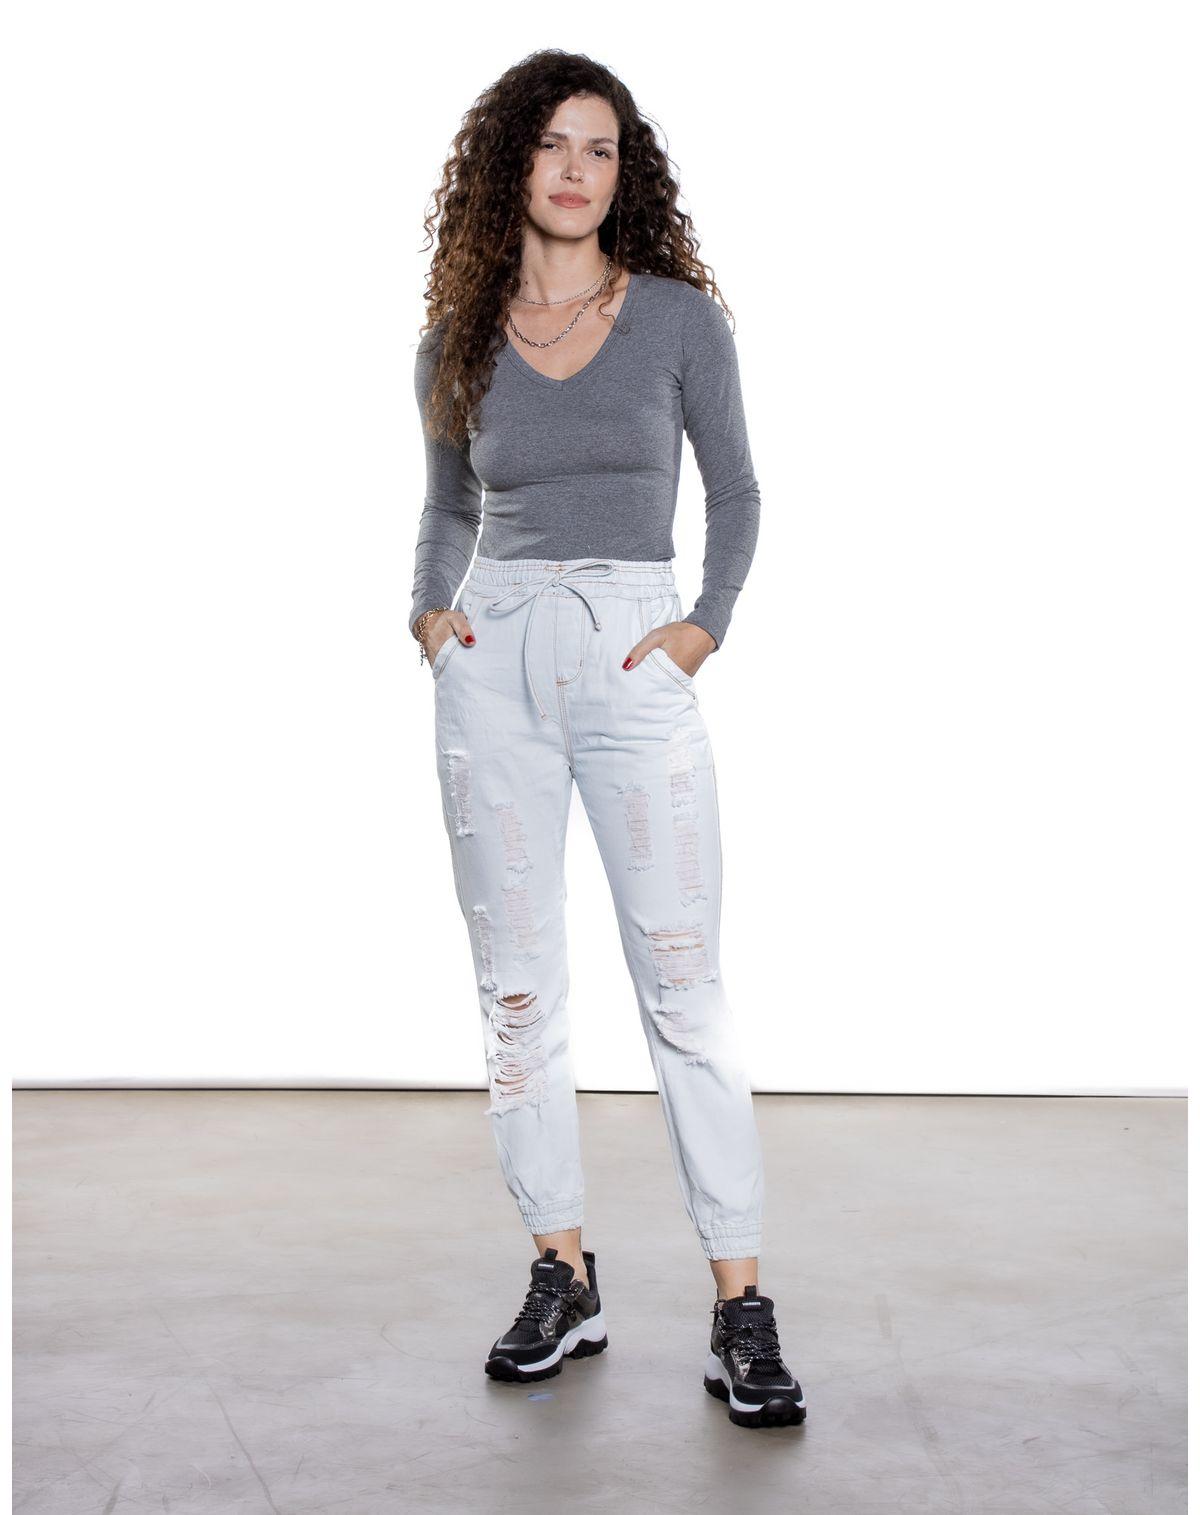 592430006-calca-jeans-clara-jogger-feminina-destroyed-jeans-claro-46-b3b